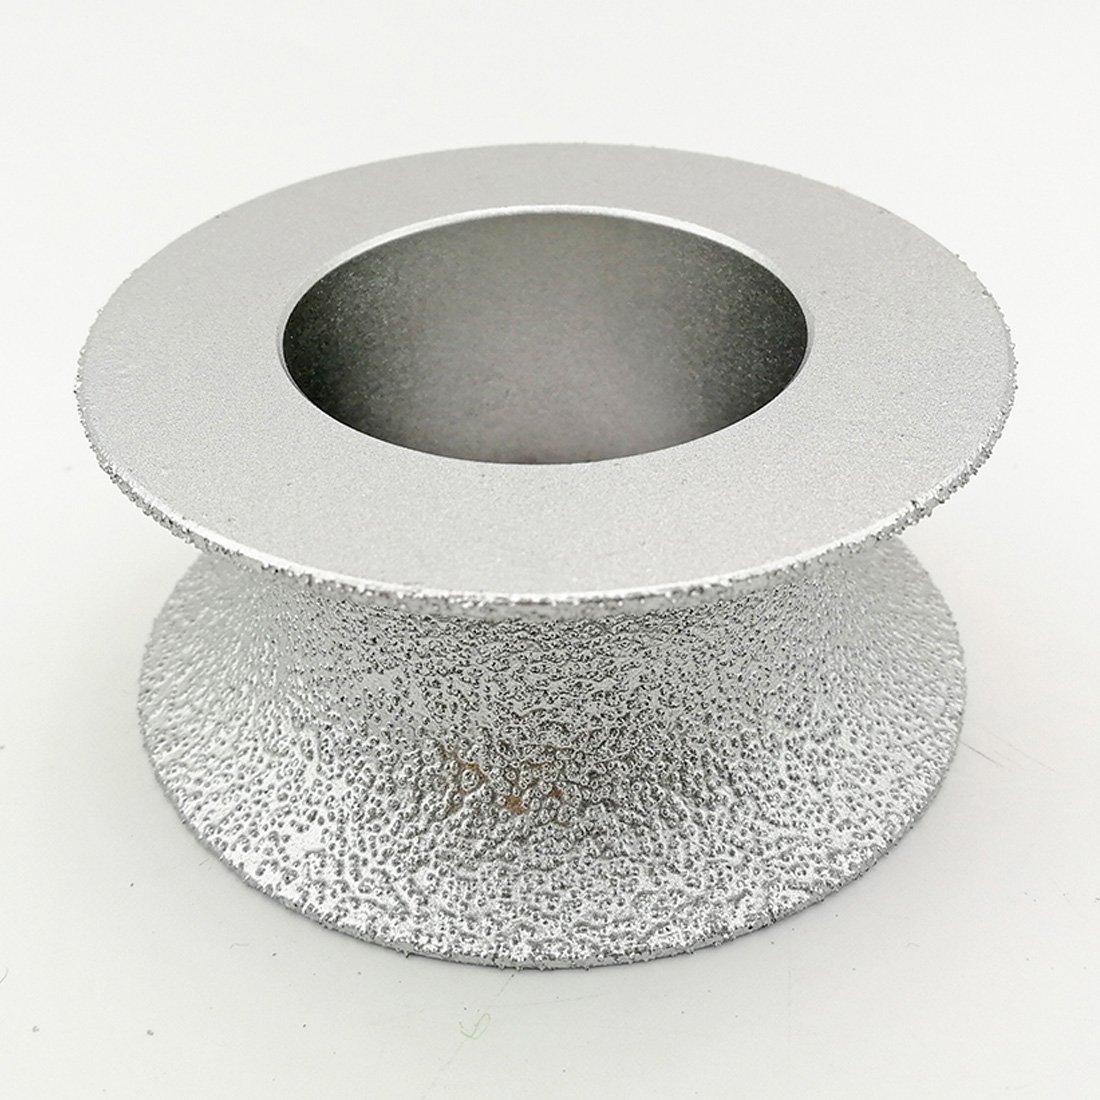 DIATOOL 75MM Meule Diamant/ée Bras/ée Sous Vide Bord demi-rond Profil/é de Bordure pour Profil/é en Pierre Main Meule Diamant/ée Grit 60 Diamant Hauteur 30mm